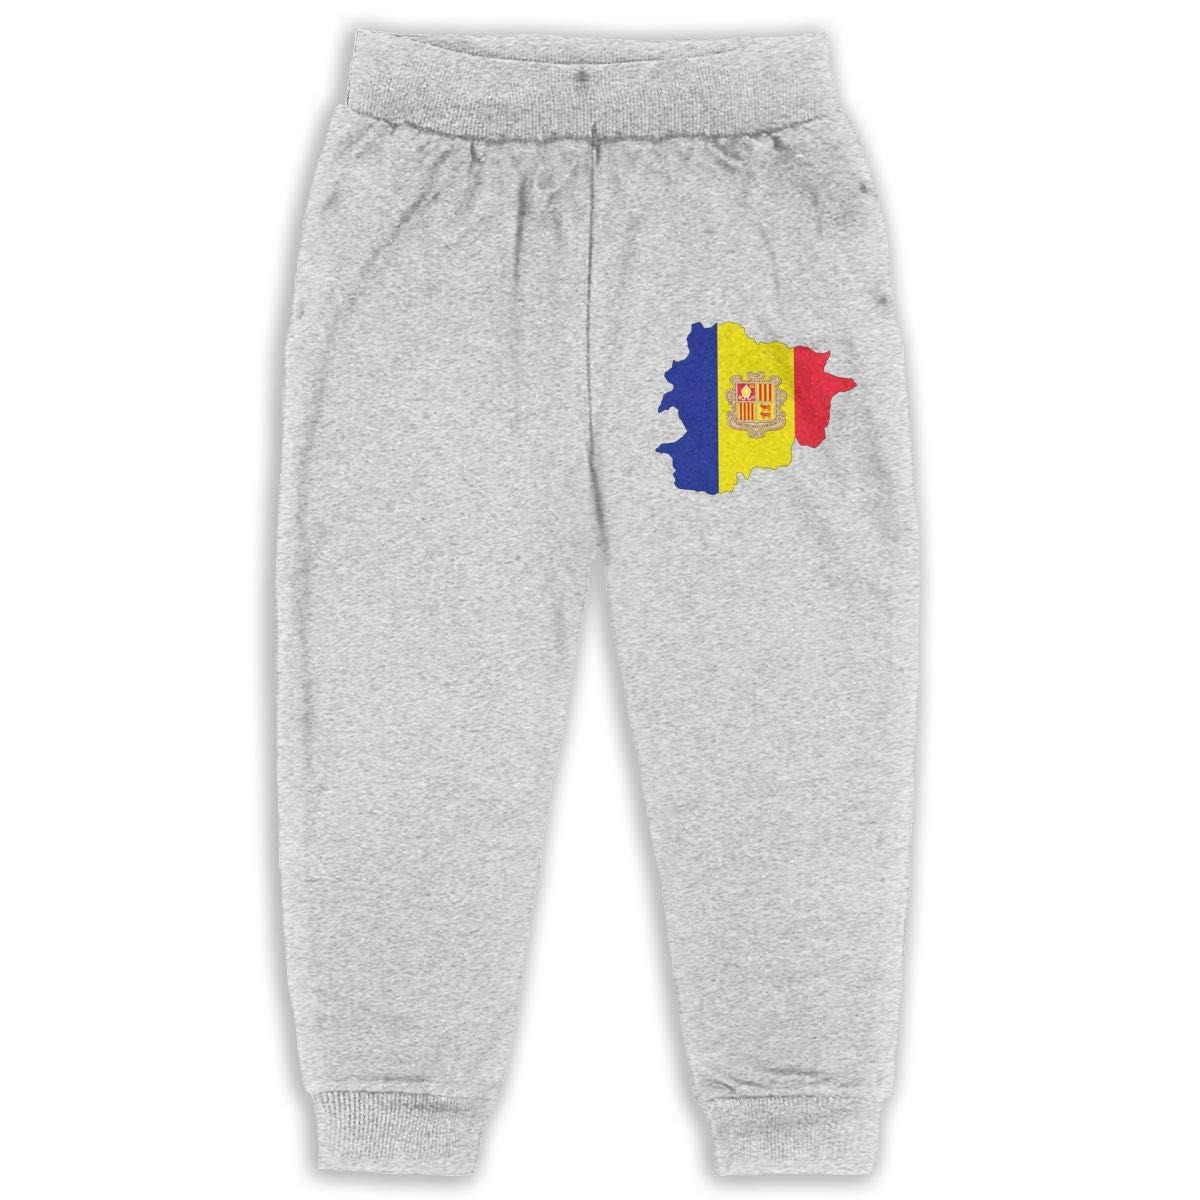 DaXi1 Macedonia Sweatpants for Boys /& Girls Fleece Active Joggers Elastic Pants